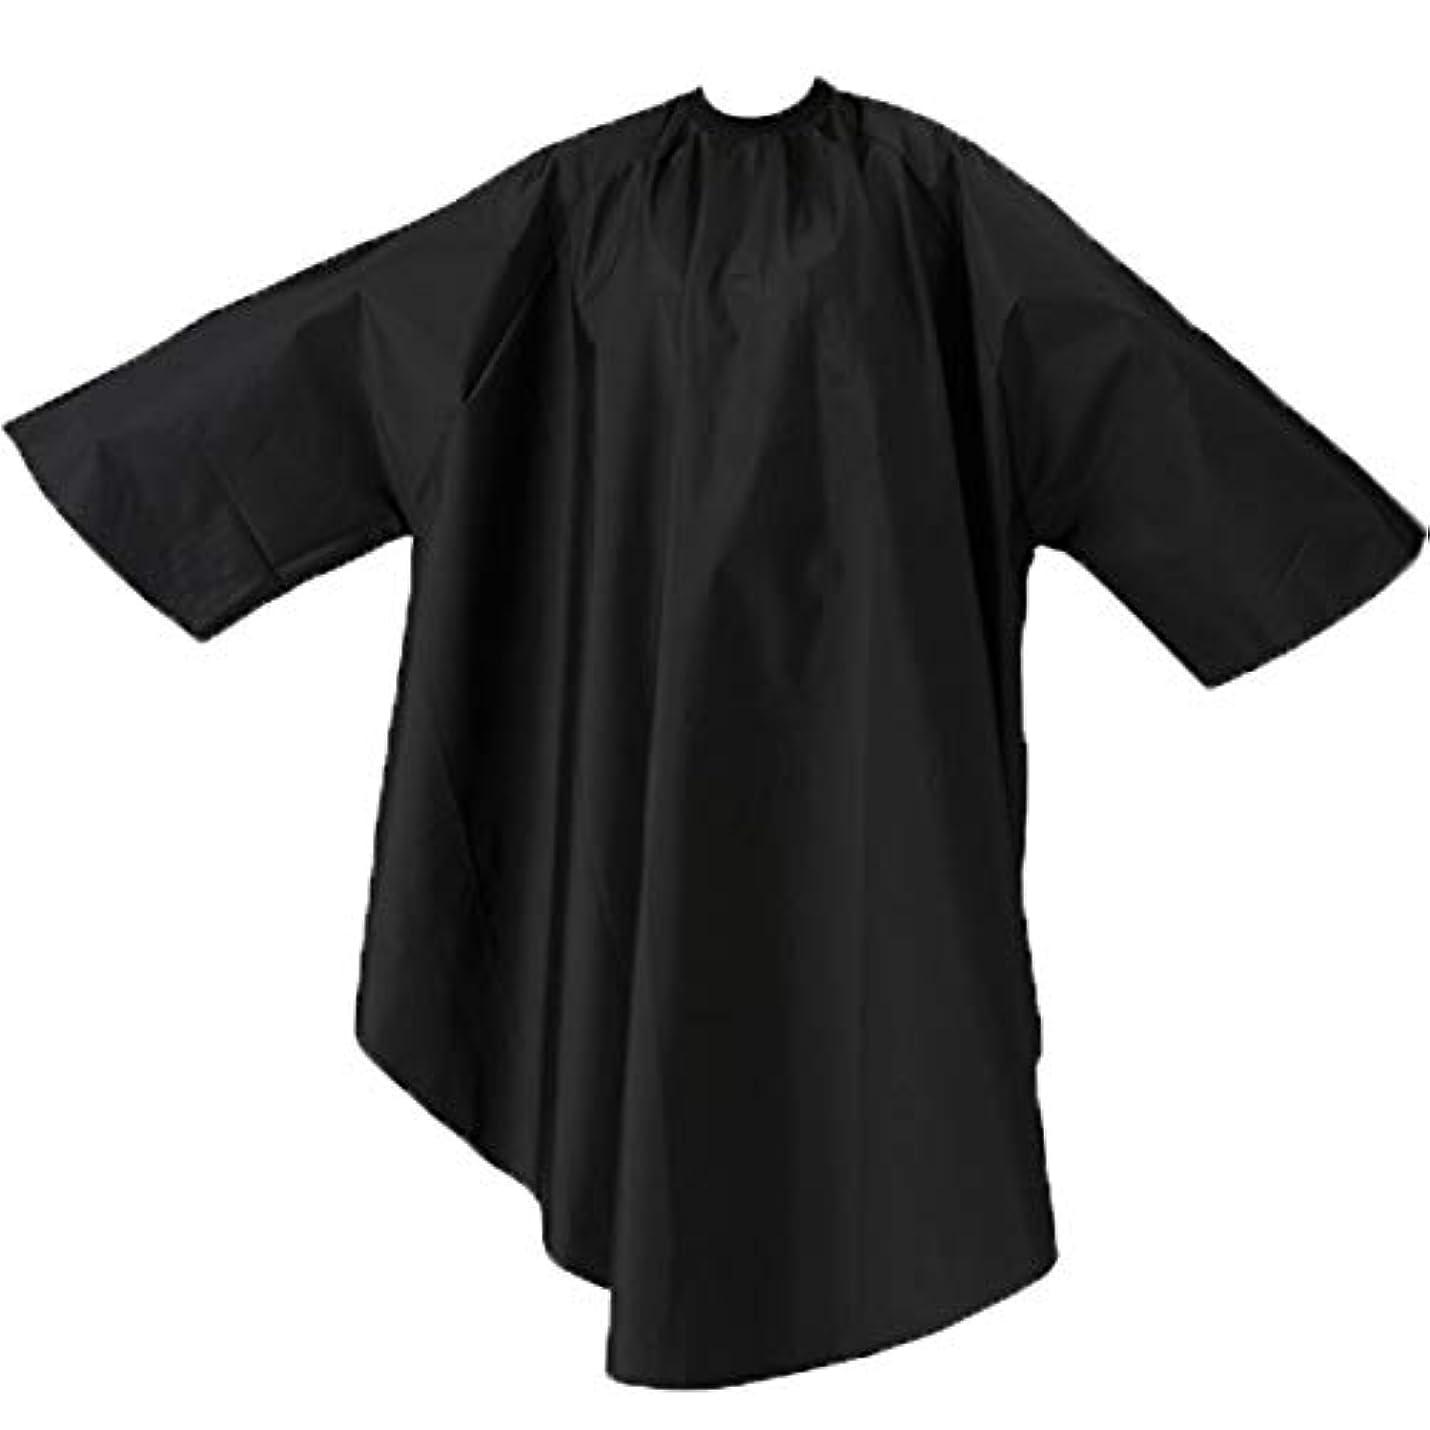 偏心いいねハントエルコ 9762 ザ?クロス SKITT II 袖付 ヘアダイ&カットクロス ナイロン100% ヘアカラー/散髪ケープ/カットクロス/刈布 ELCO (首回り52cm, ブラック)